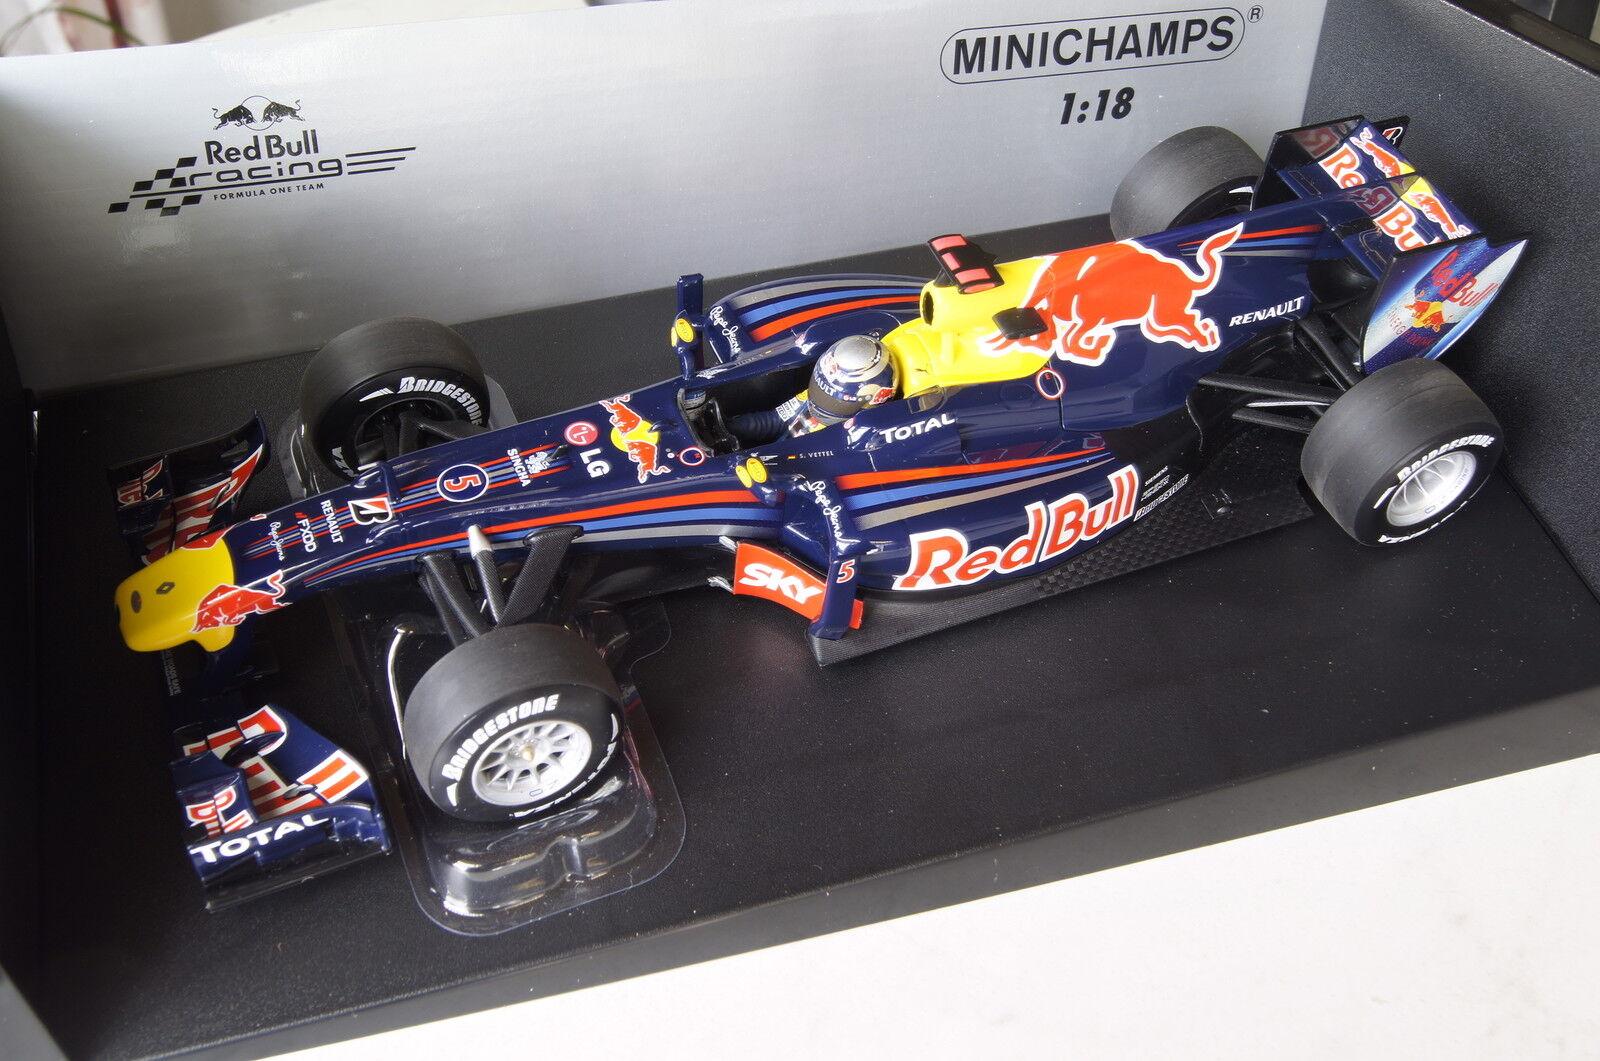 Formel 1 2010 Red Bull S.Vettel Brazilian GP Winner 1 18 Minichamps neu & OVP